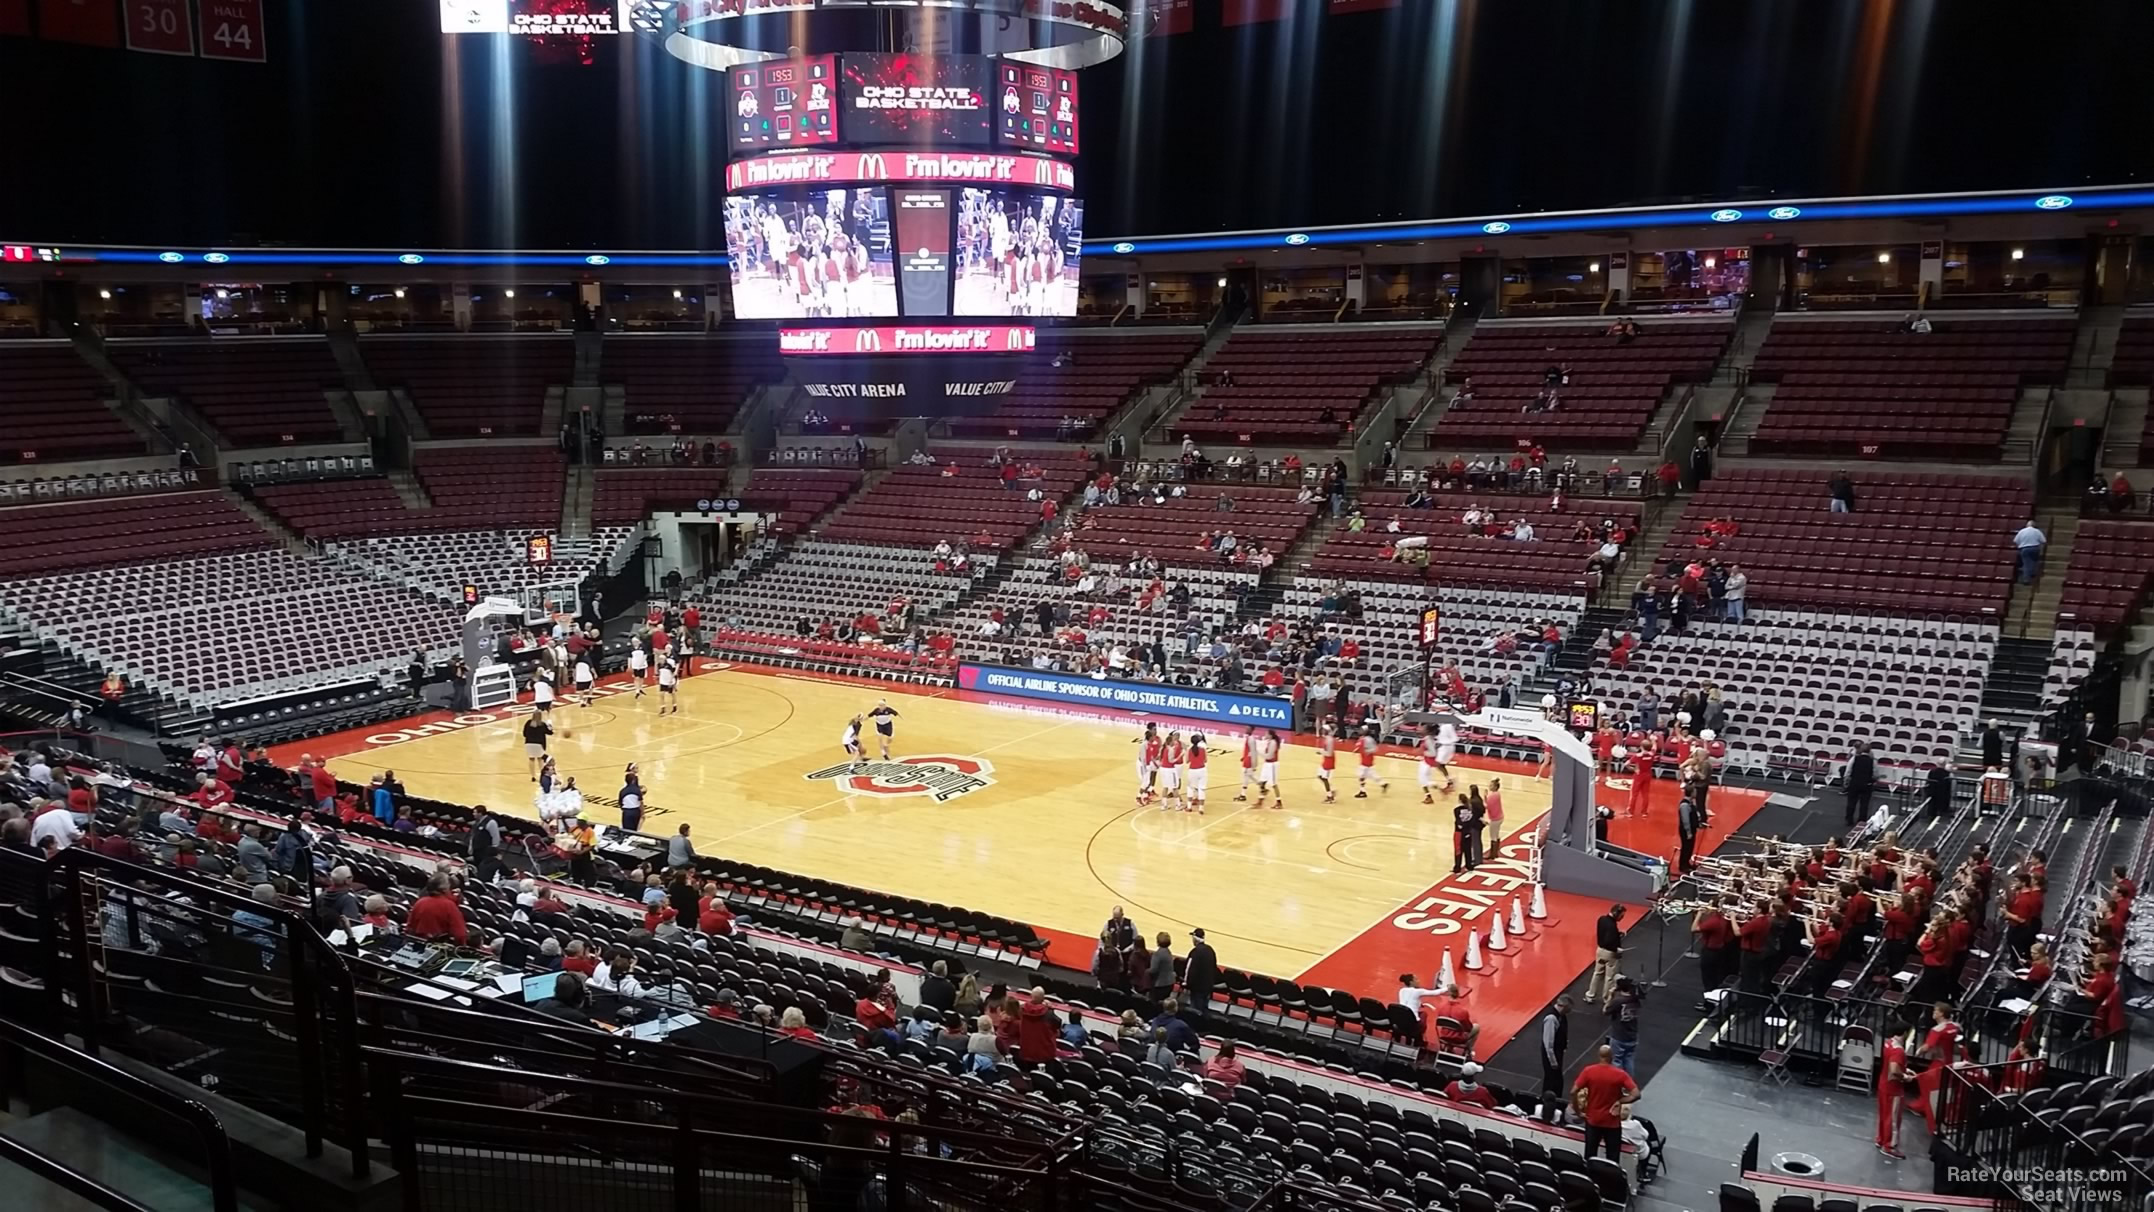 Schottenstein center section 220 ohio state basketball